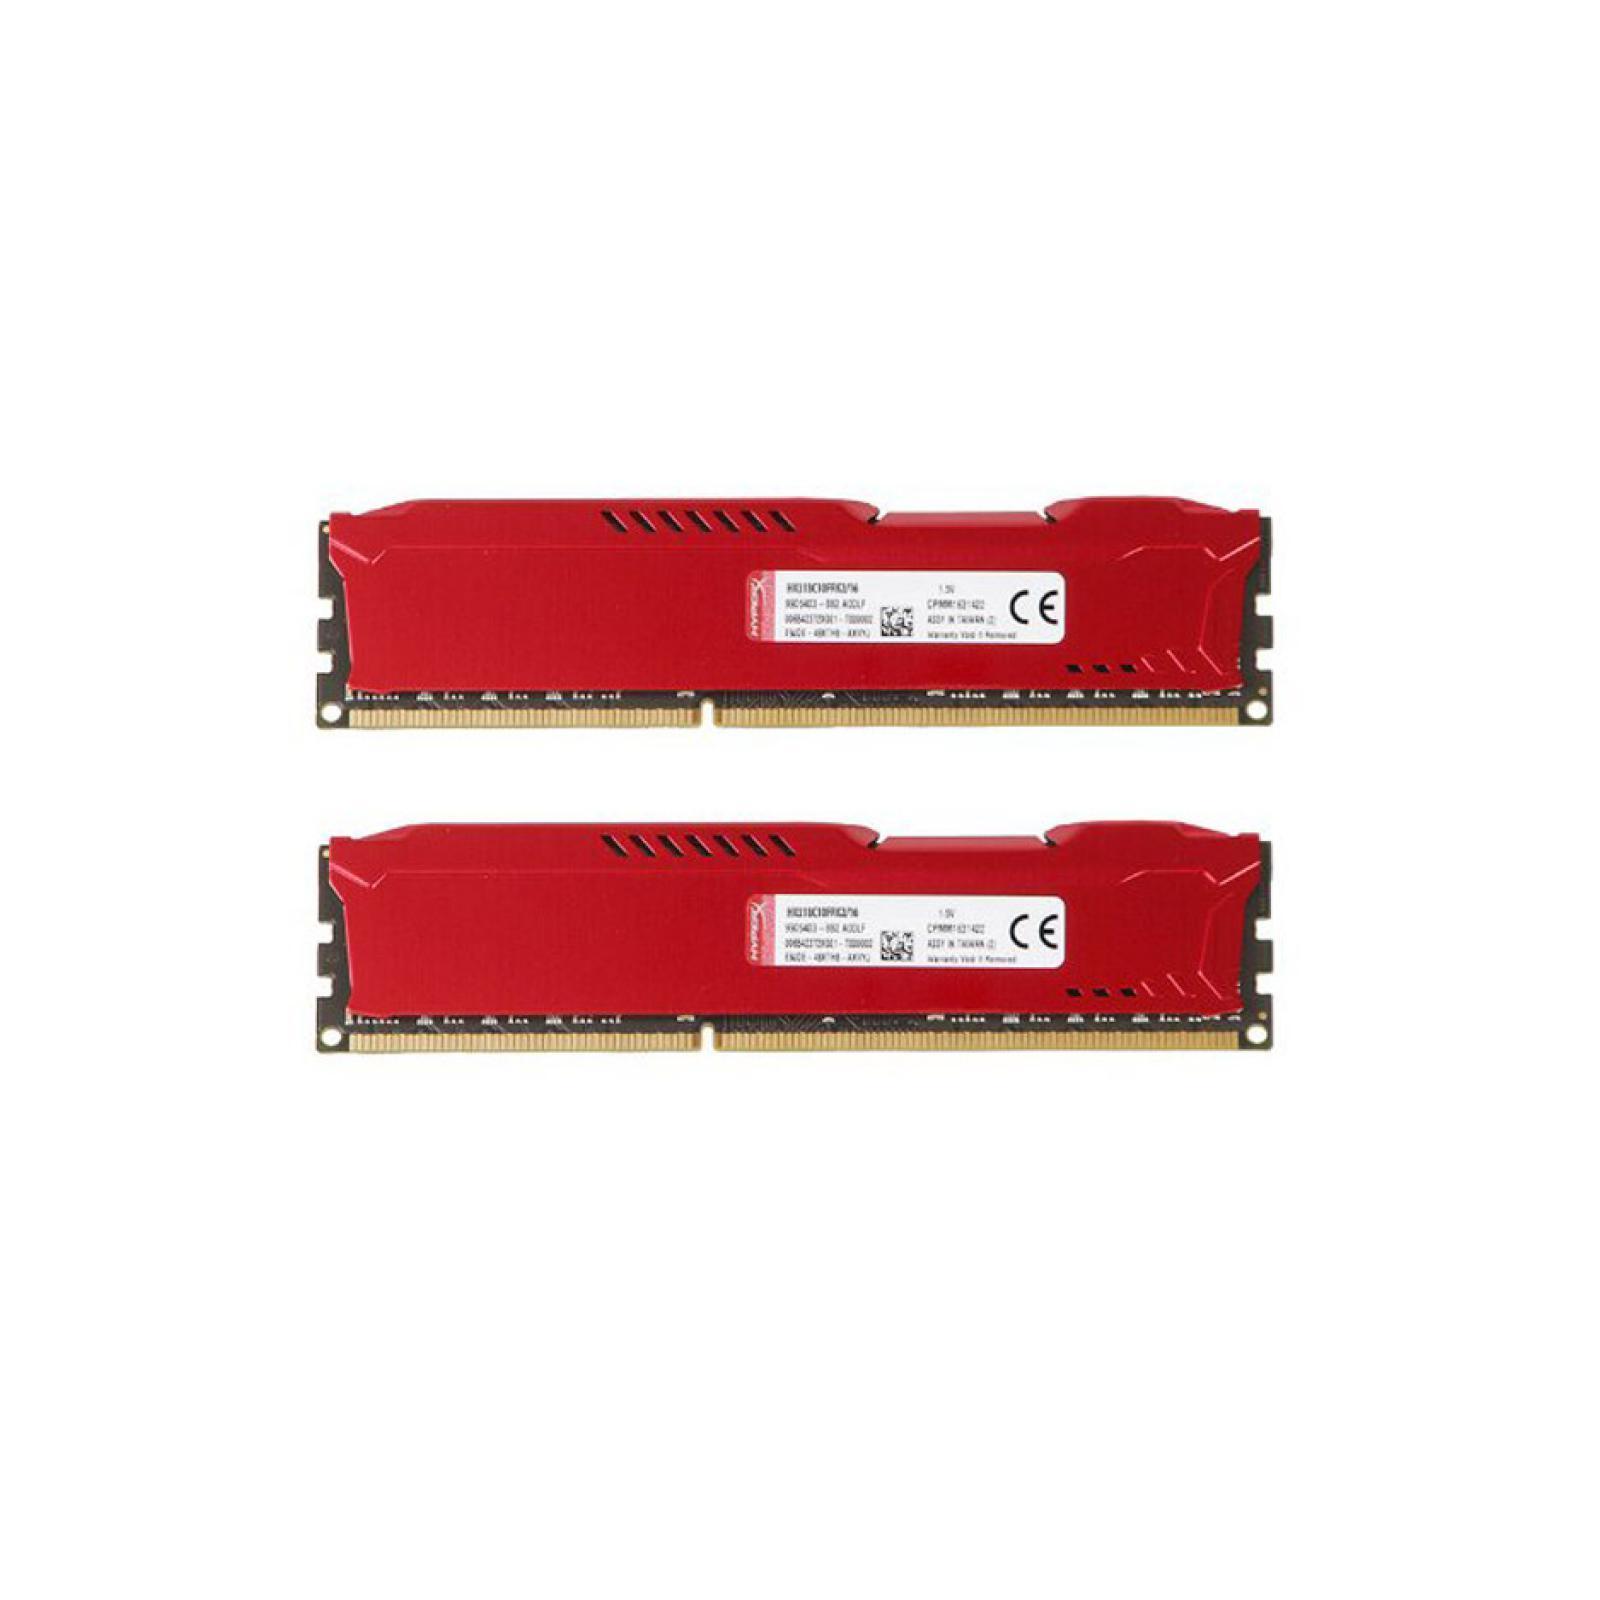 Модуль памяти для компьютера DDR4 16GB (2x8GB) 3200 MHz HyperX FURY Red HyperX (Kingston Fury) (HX432C18FR2K2/16) изображение 4